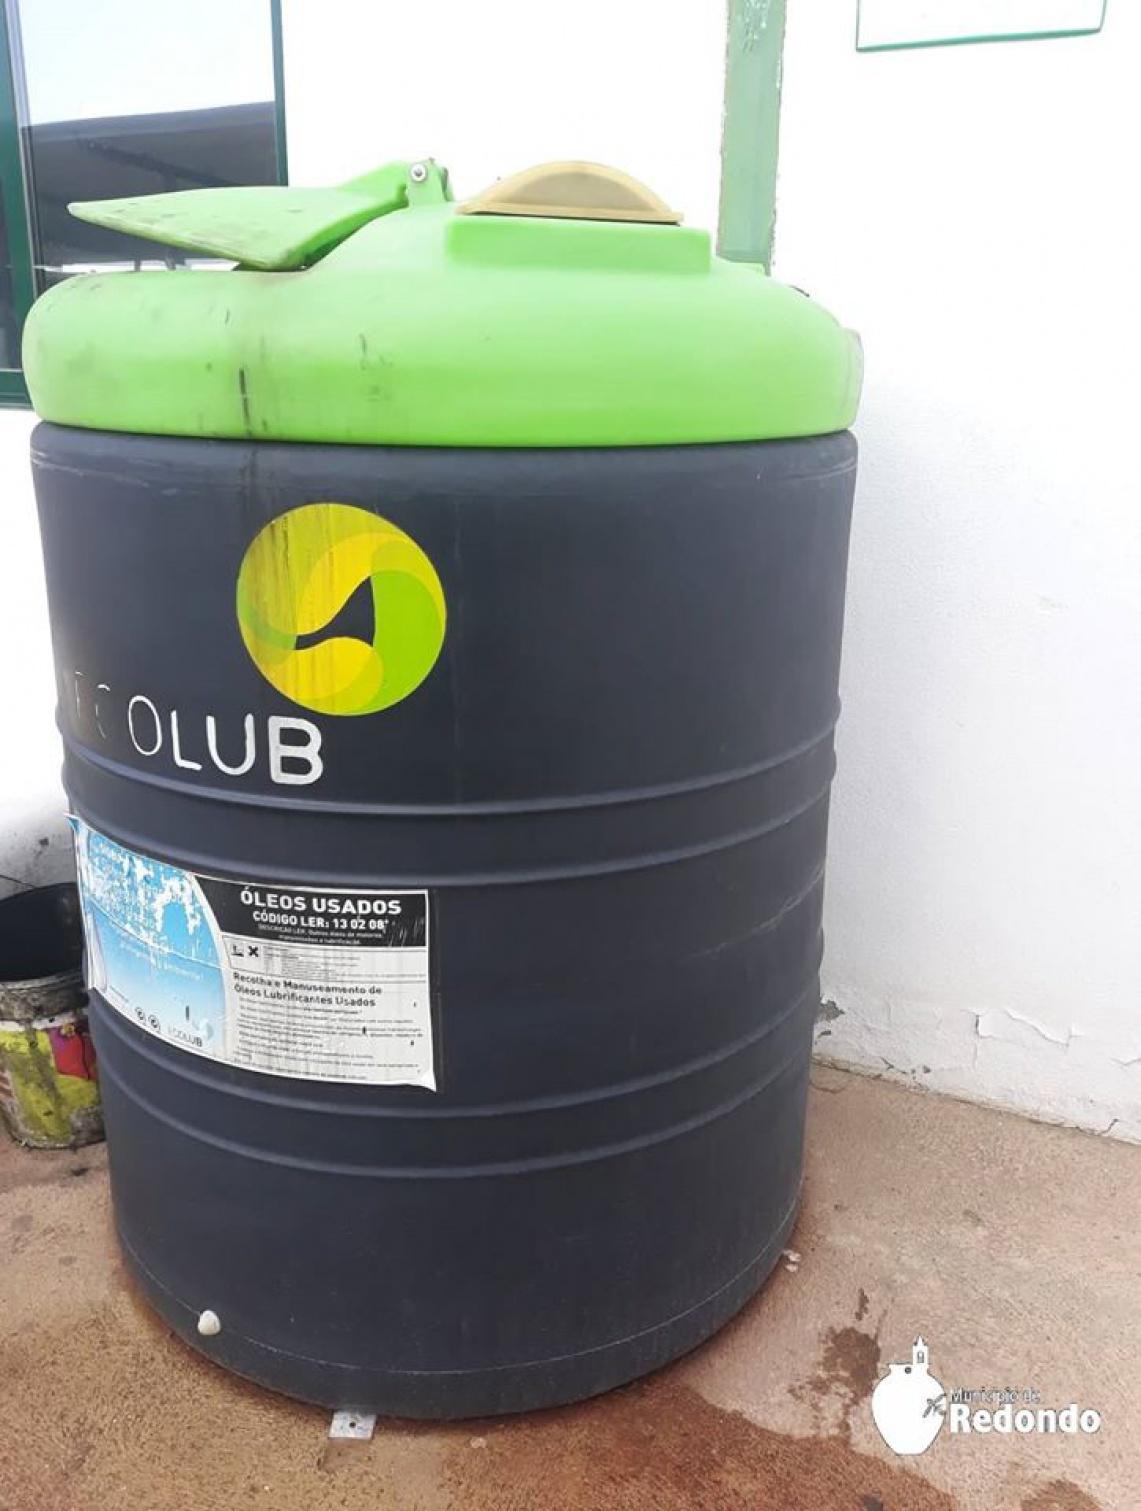 CM Redondo disponibiliza oleão para munícipes não empresariais - Rádio Campanário